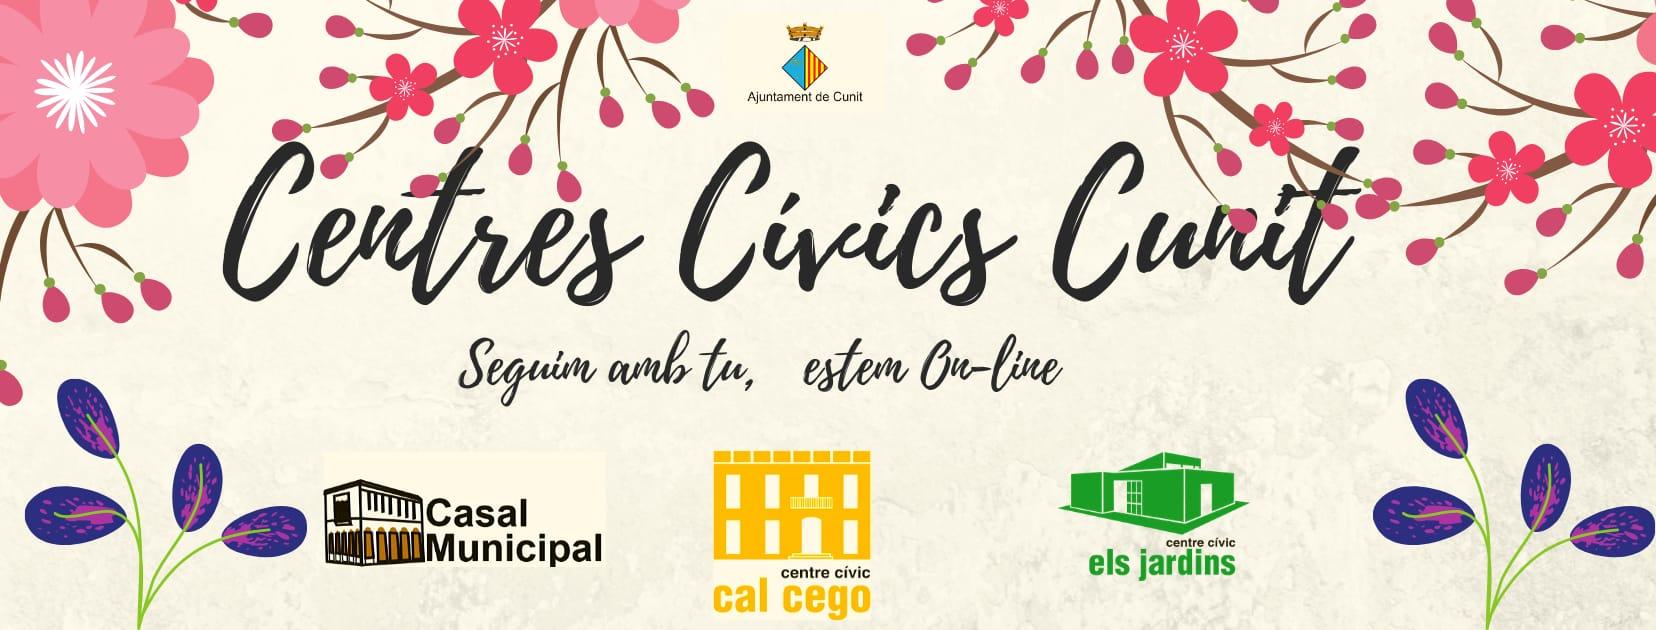 S'iniciarà en breu el període d'inscripcions als Centres Cívics de Cunit